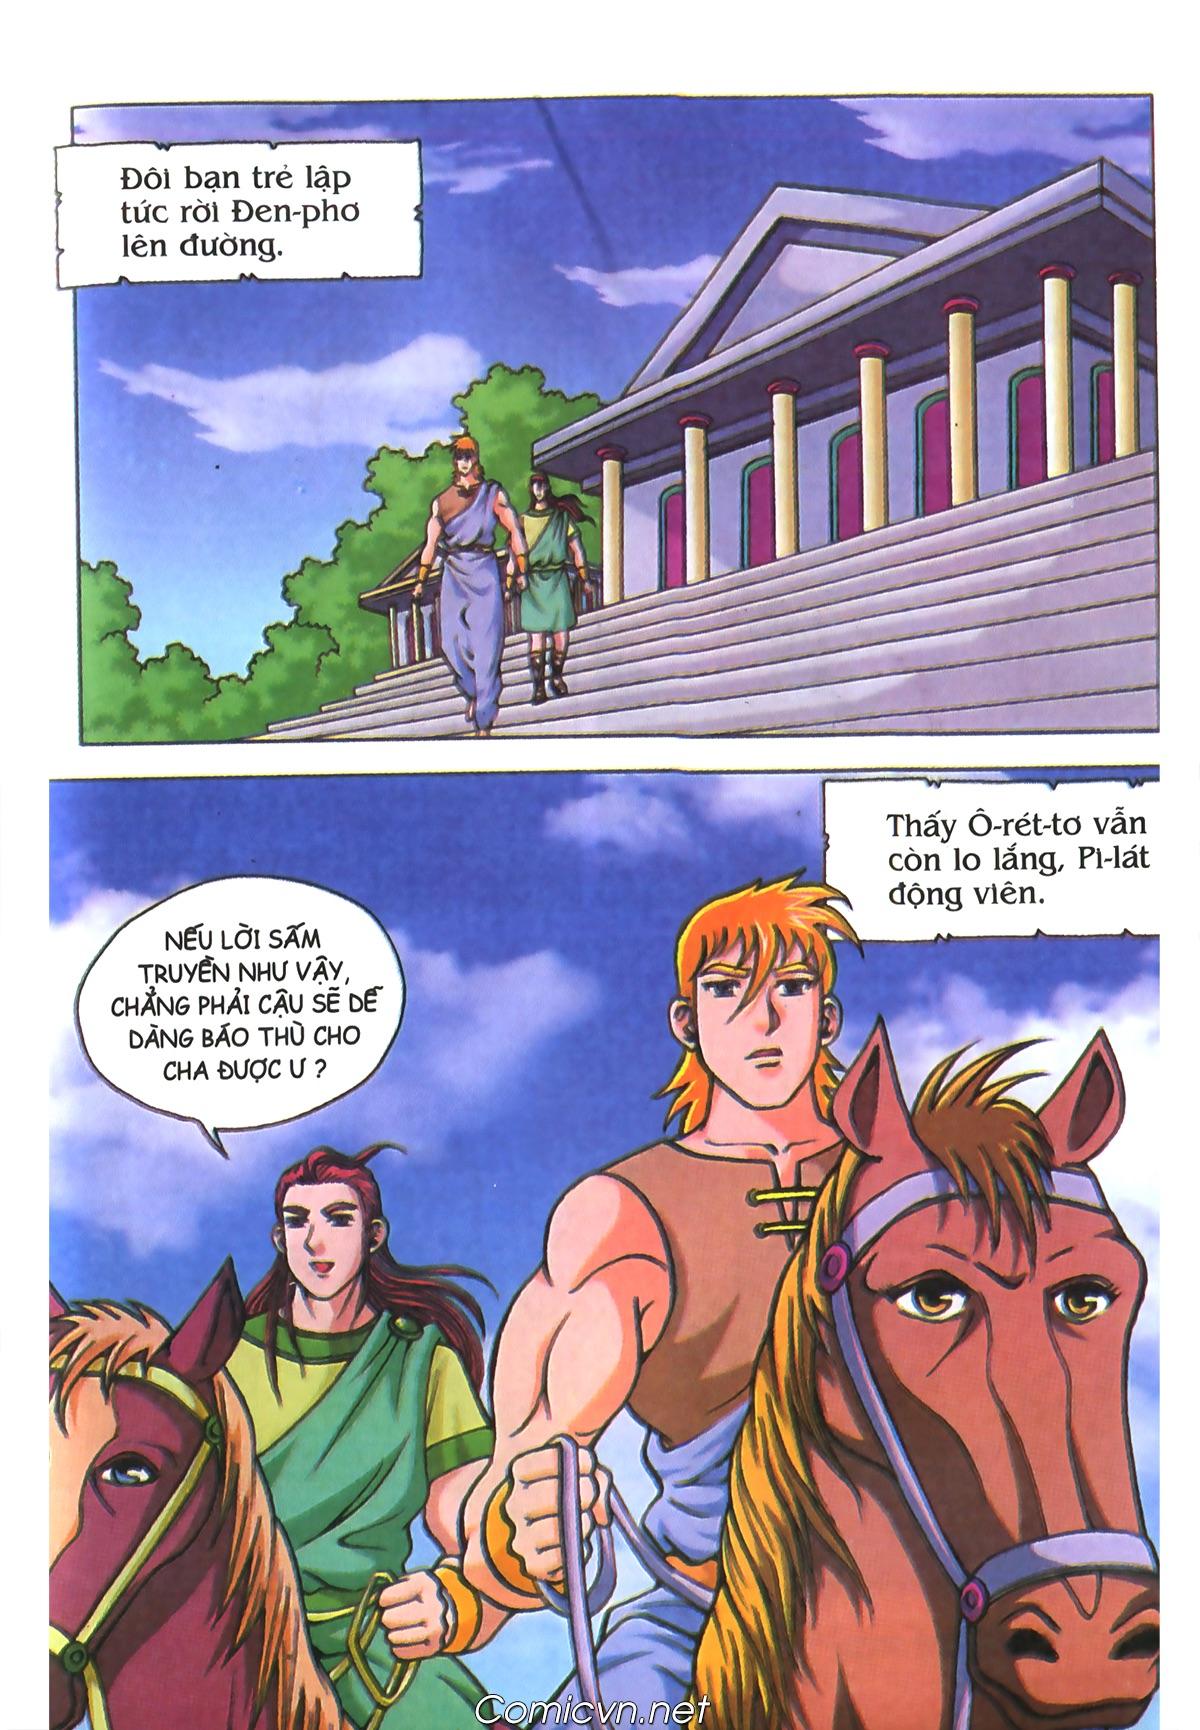 Thần Thoại Hy Lạp Màu - Chapter 70: Nàng Ê lếch tơ - Pic 36